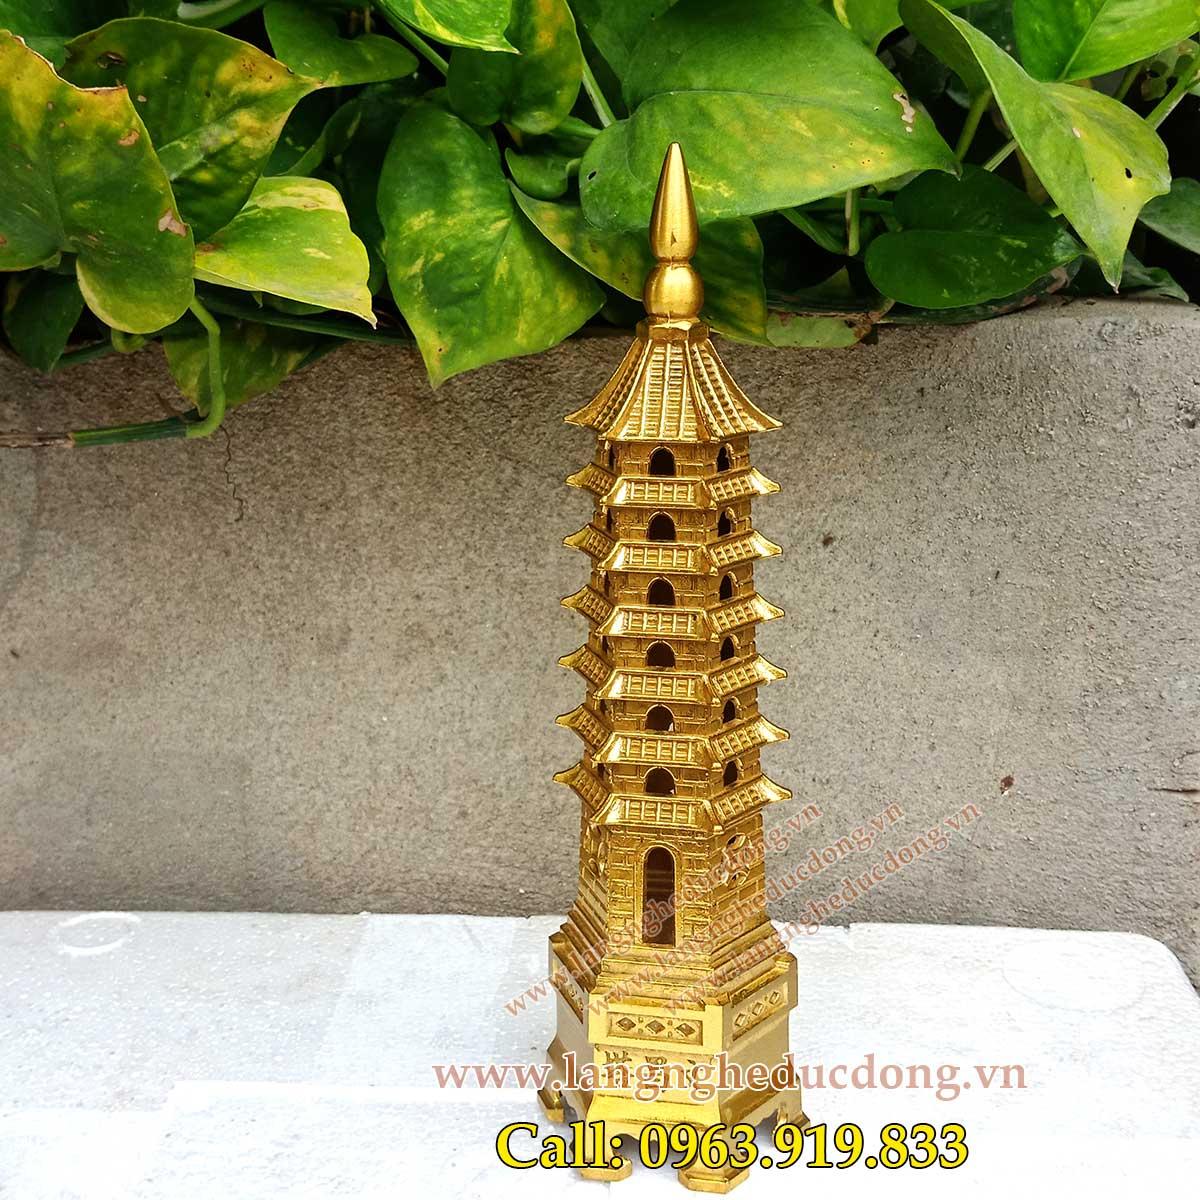 7 tầng cao 23cm bằng đồng, tháp văn xương bằng đồng